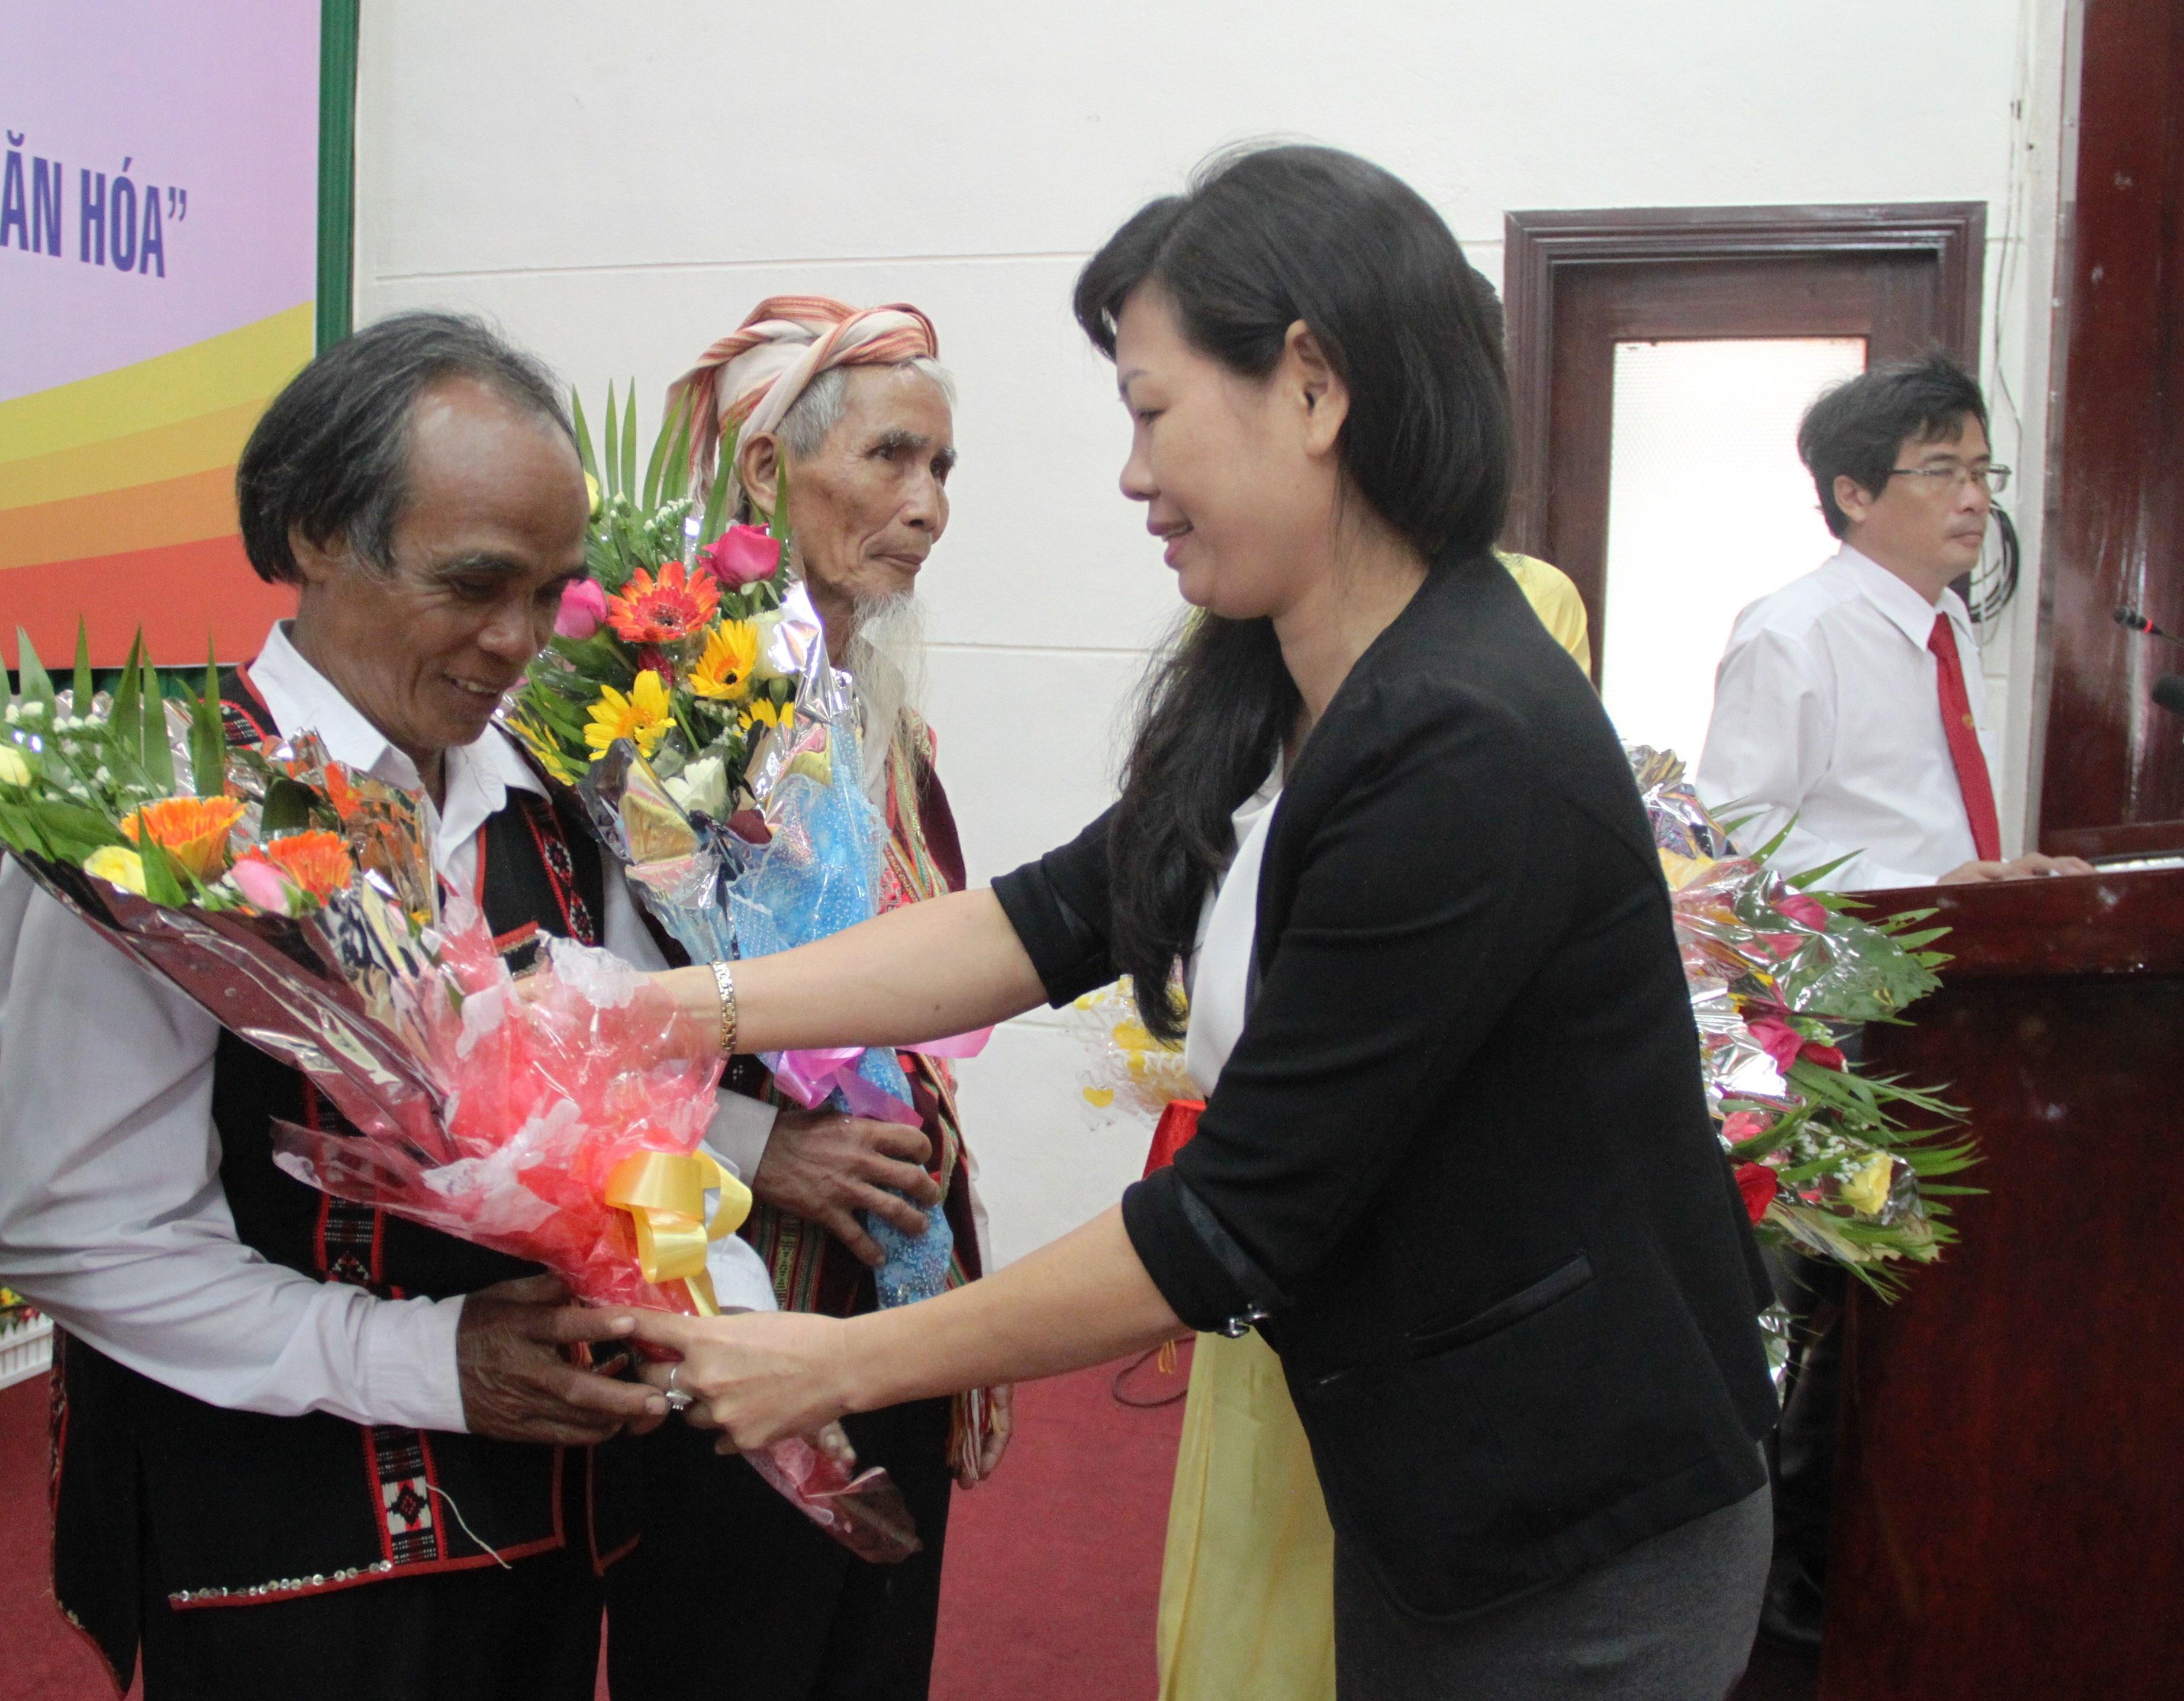 Đời sống văn hóa của cộng đồng người Hre ở Bình Định ngày càng được nâng cao, xóa bớt những hủ tục lạc hậu